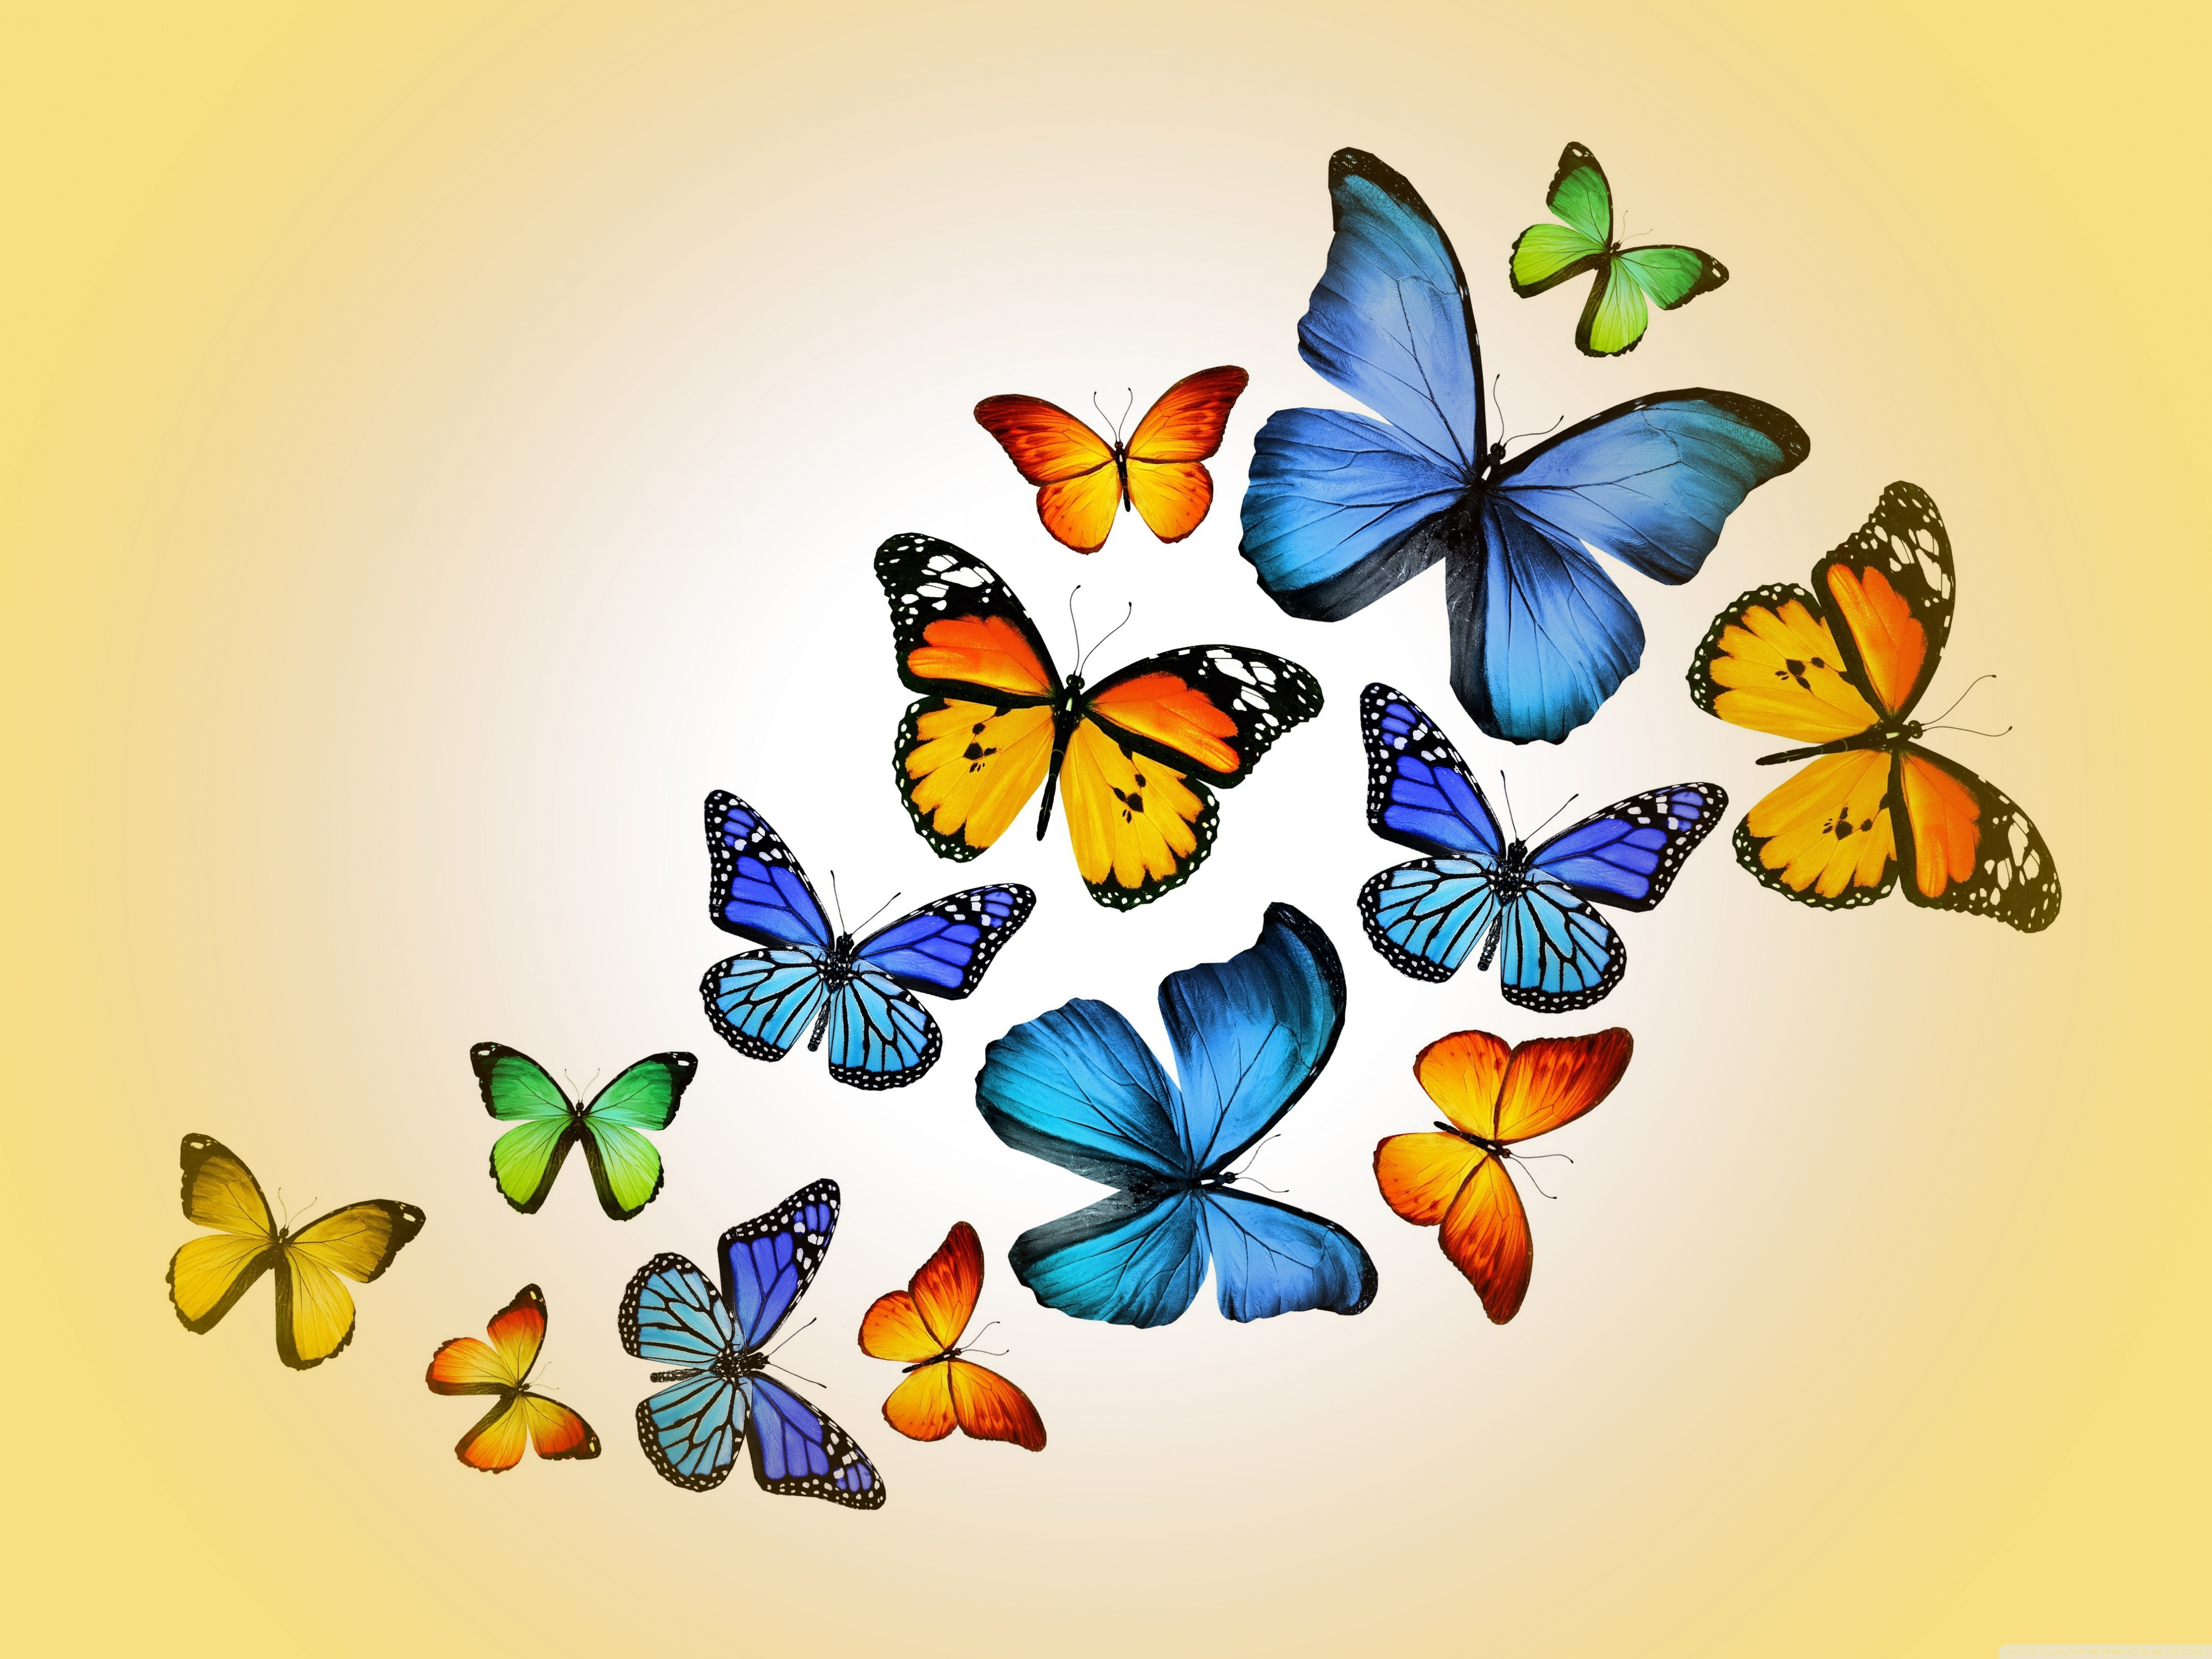 Butterflies 4K HD Desktop Wallpaper for 4K Ultra HD TV Wide 4096x3072